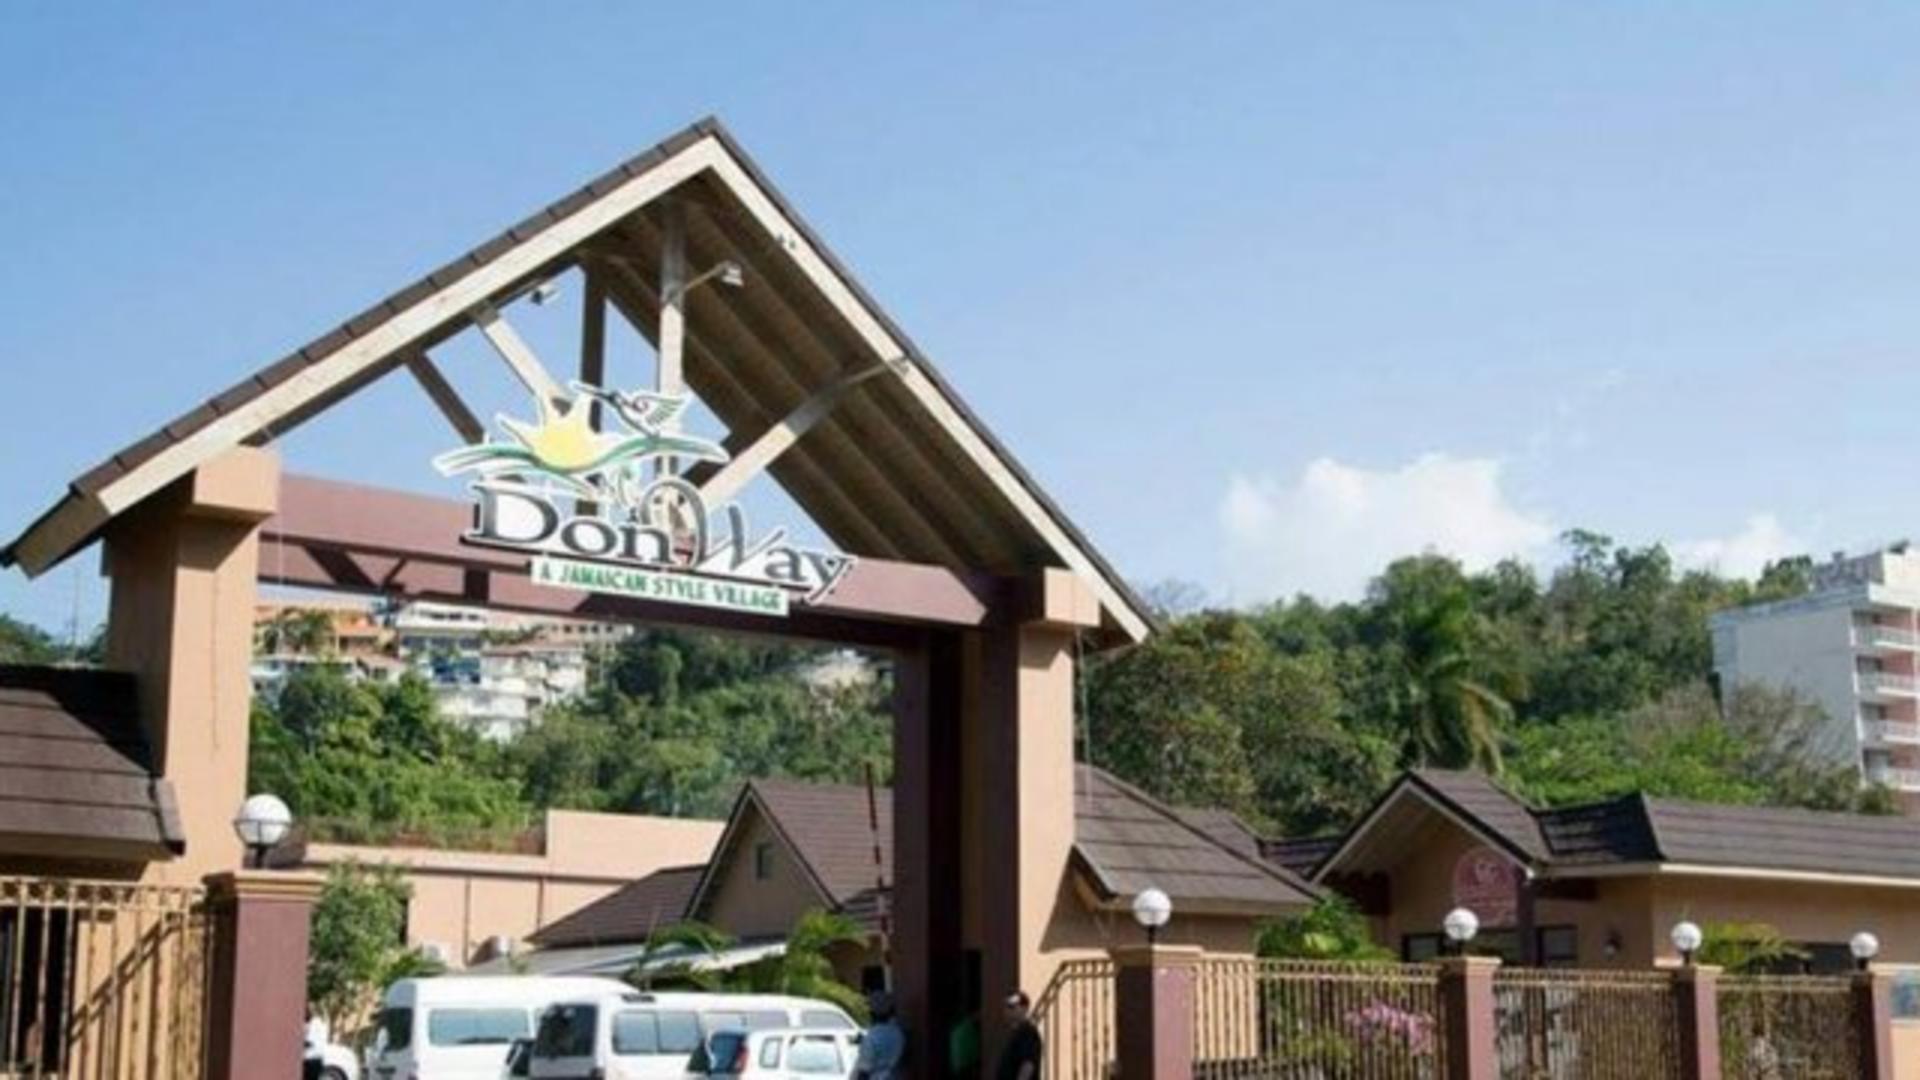 Donway Jamaican Village